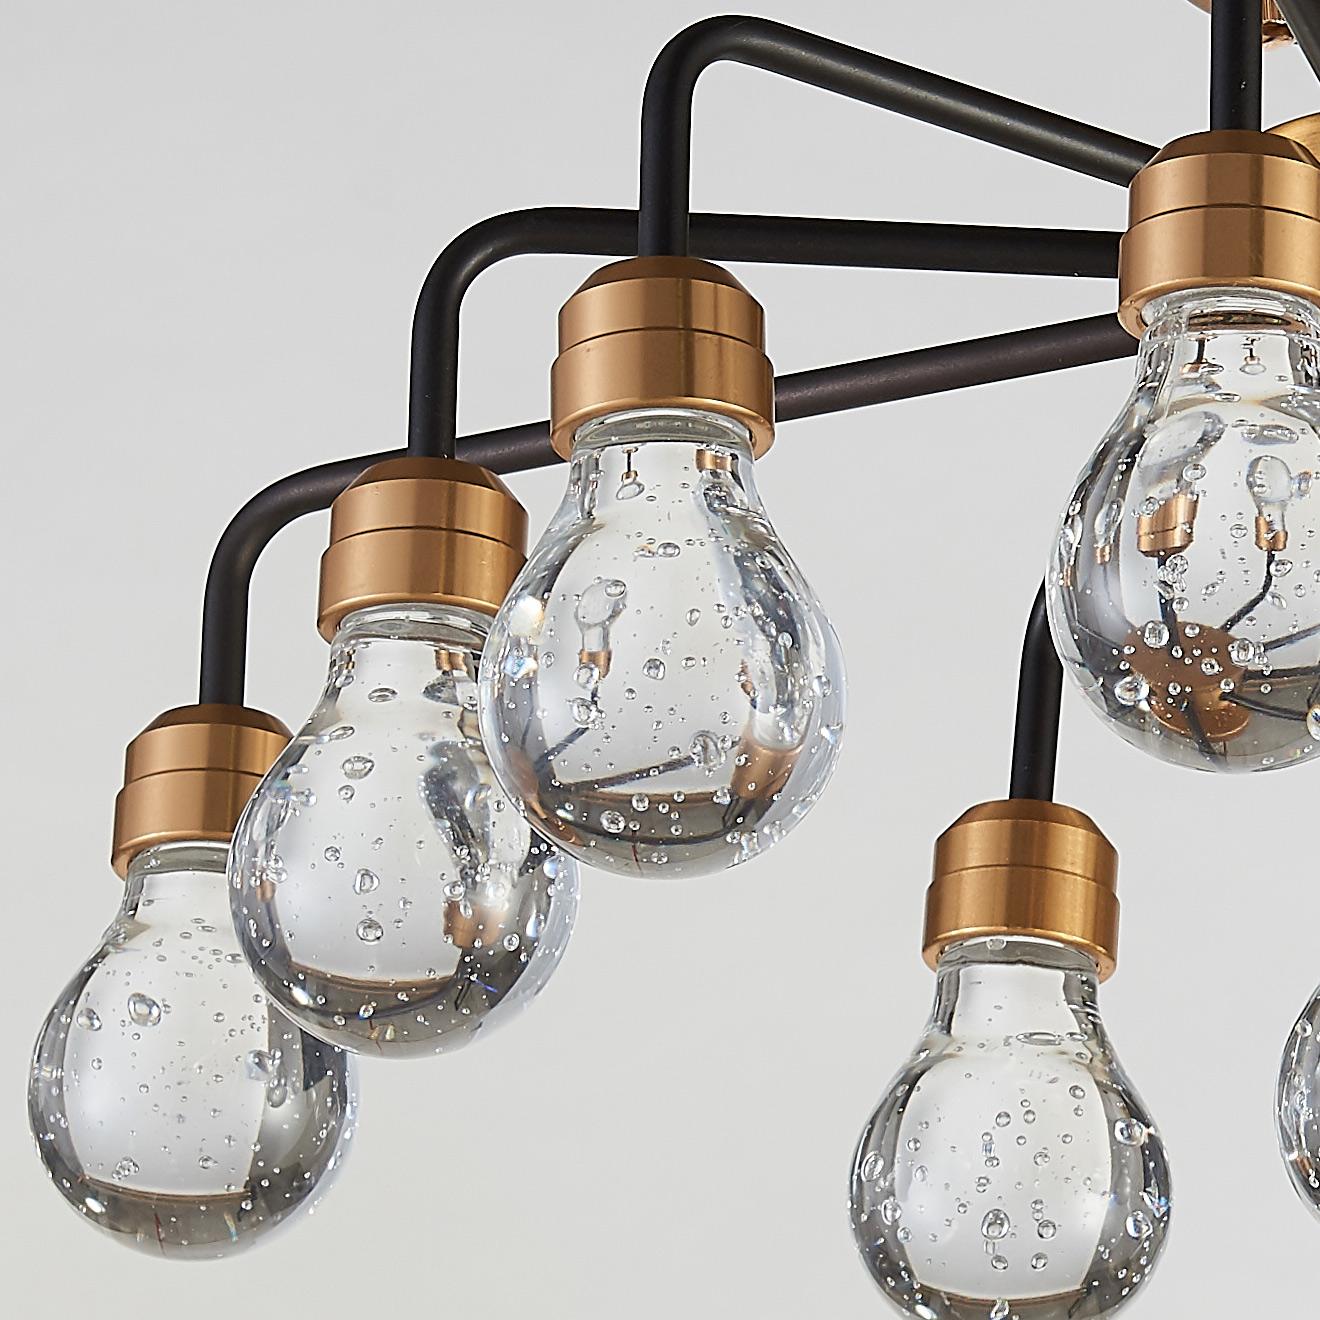 Deckenlampe Fur Schlafzimmer - Caseconrad.com